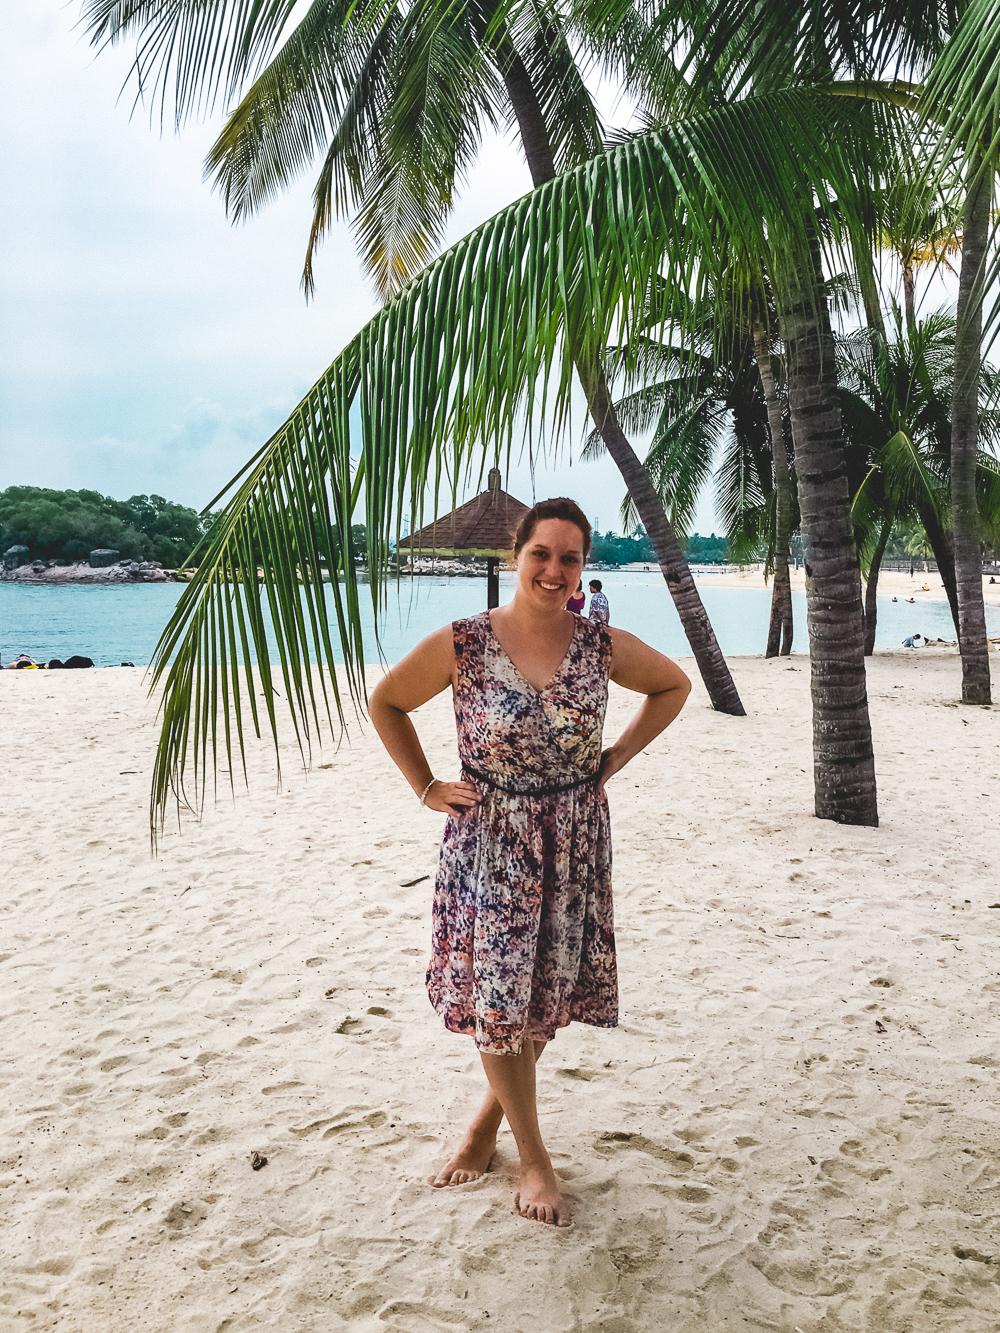 Singapur Weltreise Australien Indonesien Backpacker Strand Indischer Ozean